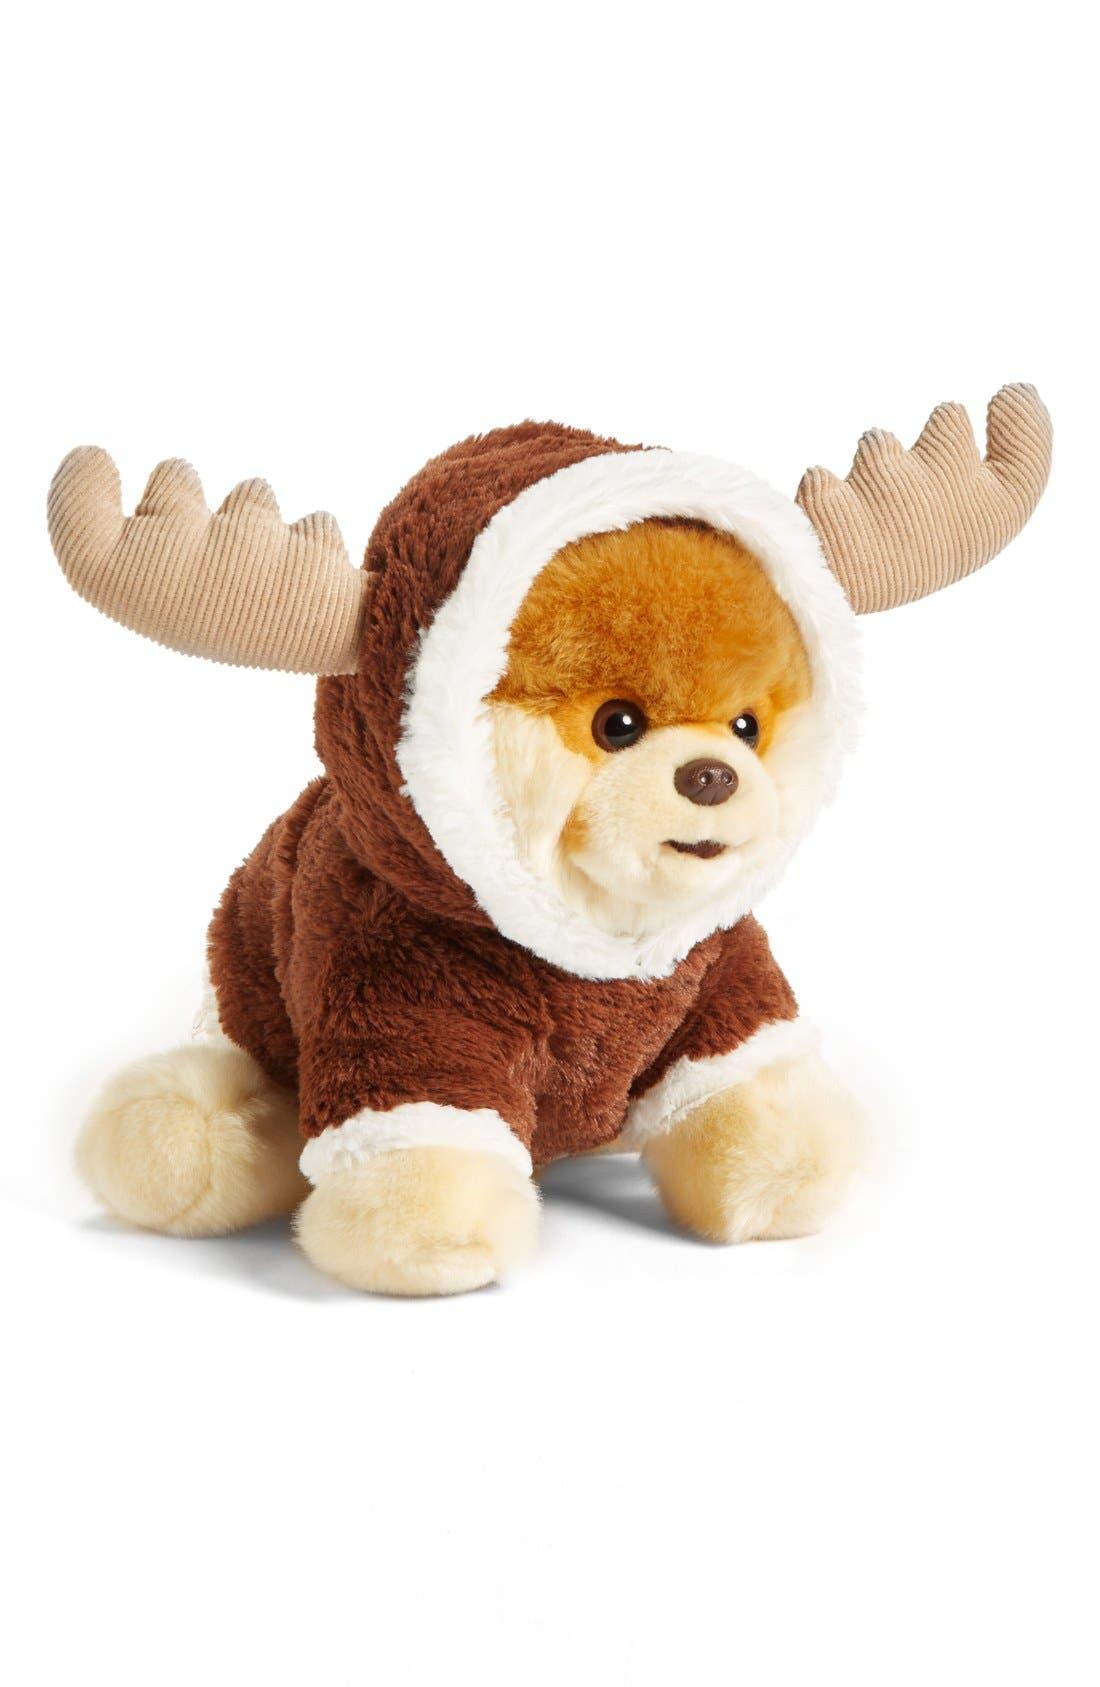 Alternate Image 1 Selected - Gund Boo Reindeer Stuffed Animal (Nordstrom Exclusive)